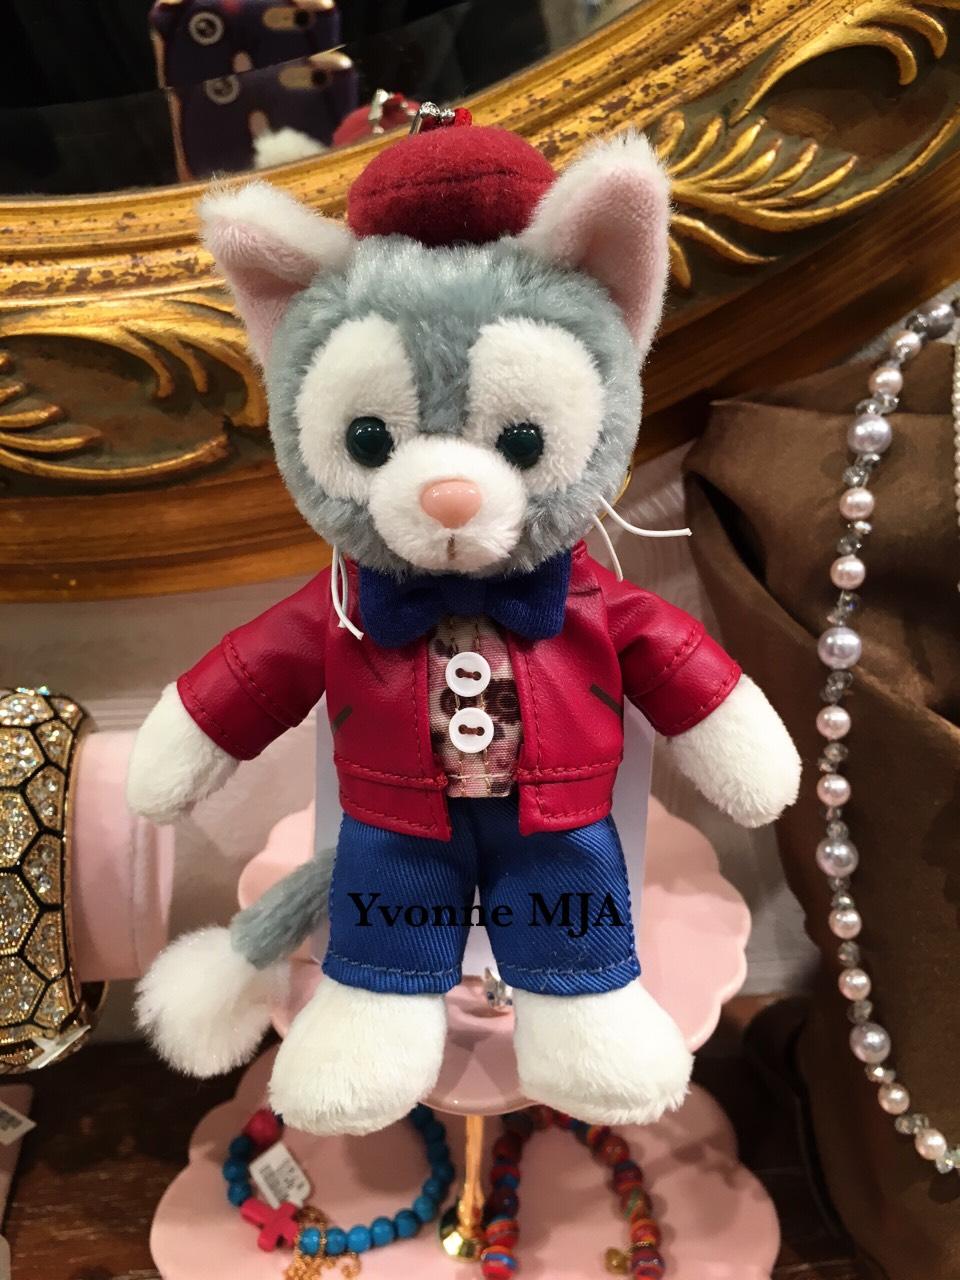 *Yvonne MJA日本代購*東京迪士尼海洋樂園限定正品傑拉東尼畫家貓2016情人節站姿吊飾